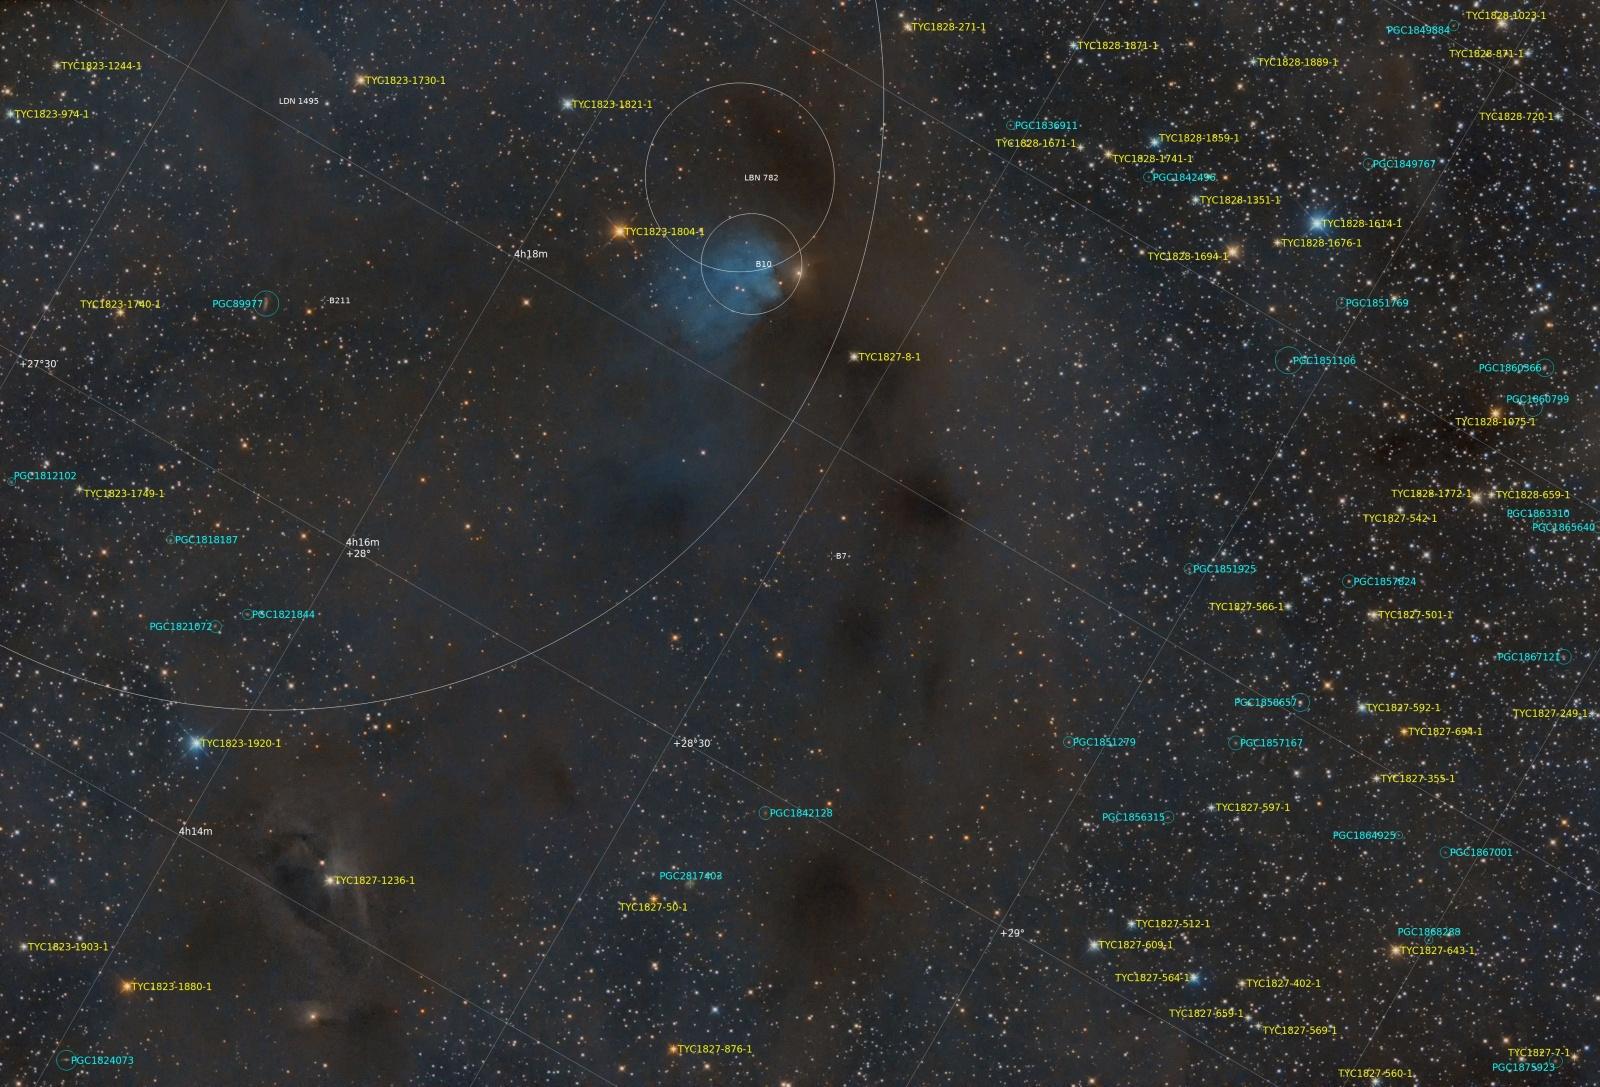 Barnard_10_JSzyma_v5_Annotated1.thumb.jpg.453ee6ac50189ddfd53cc0f54d552964.jpg